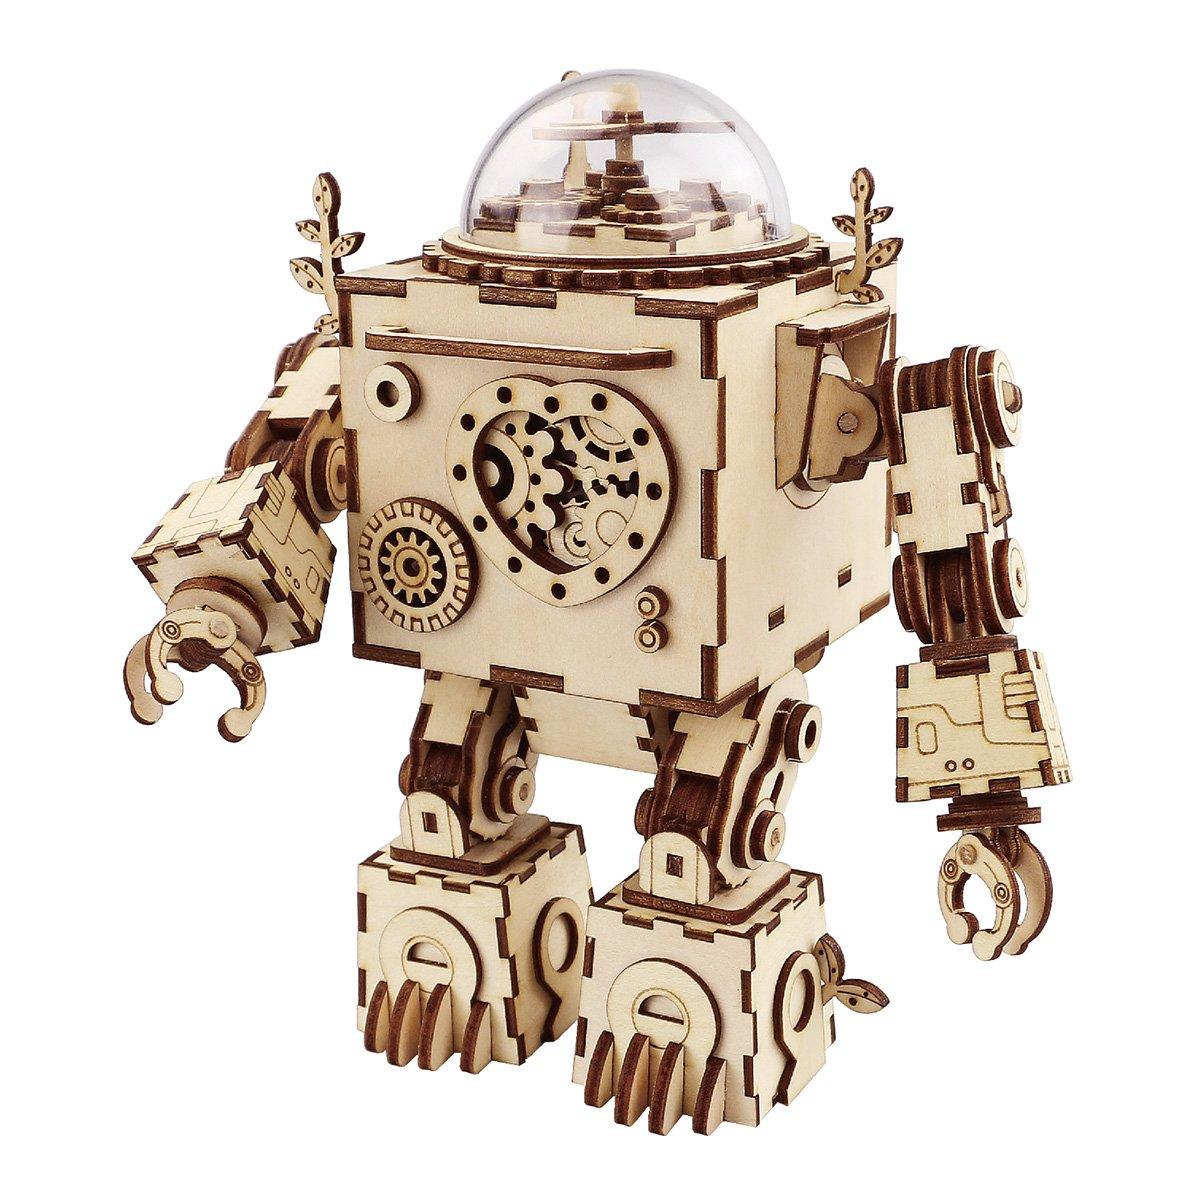 Think Gizmos Juguete de Robot Musical TG714 – Juguete de Robot Hágalo Usted Mismo con Efectos Musicales para los Adultos y Niños Que Tienen 12 años y más